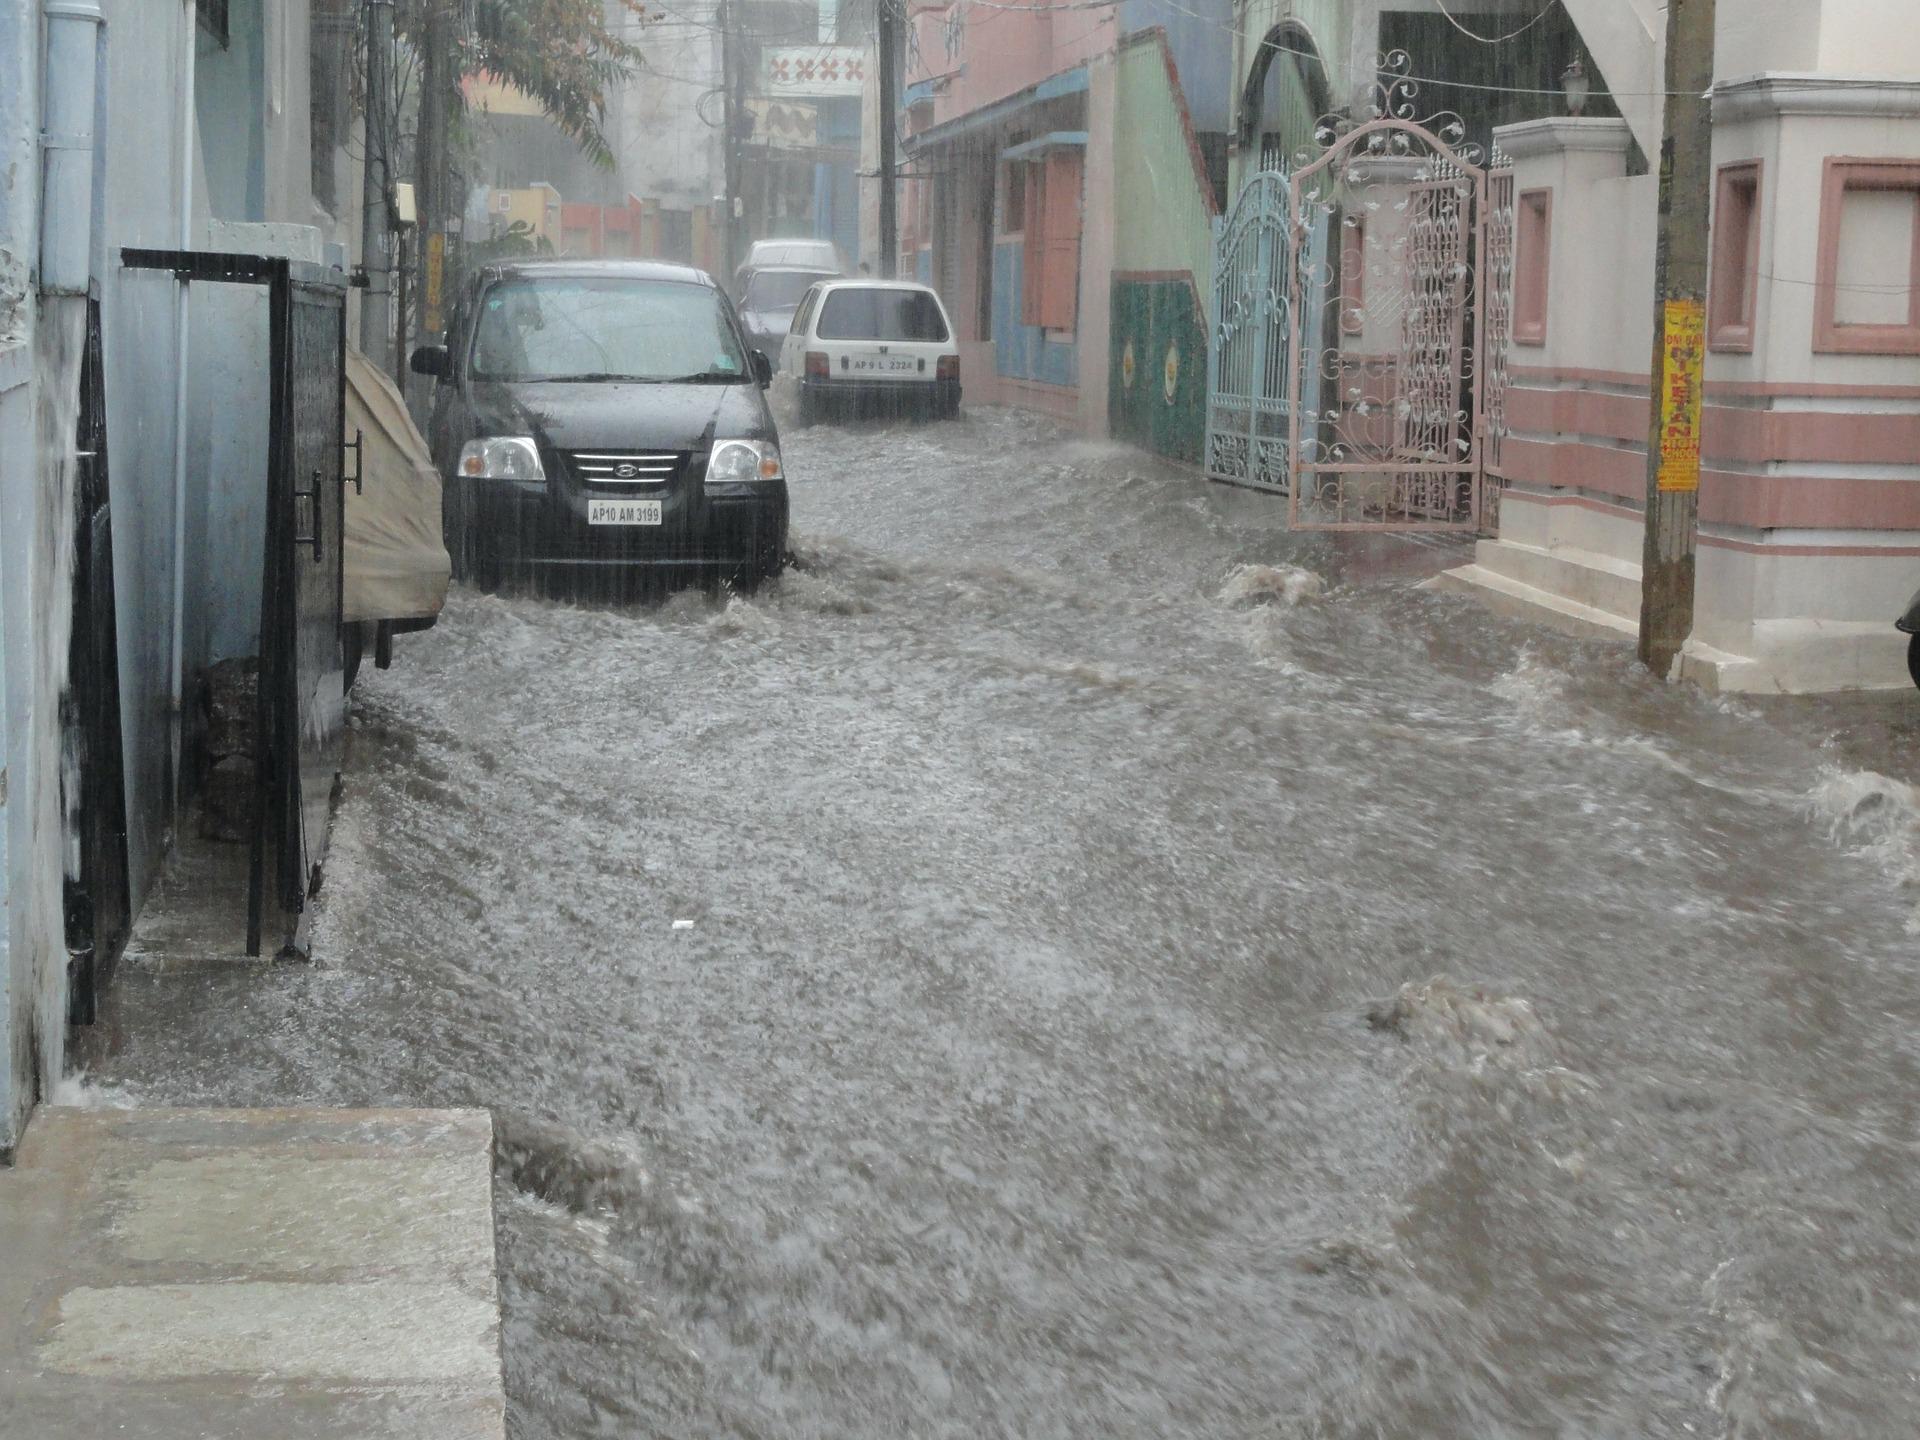 Chennai Floods 2015 – The Resilience